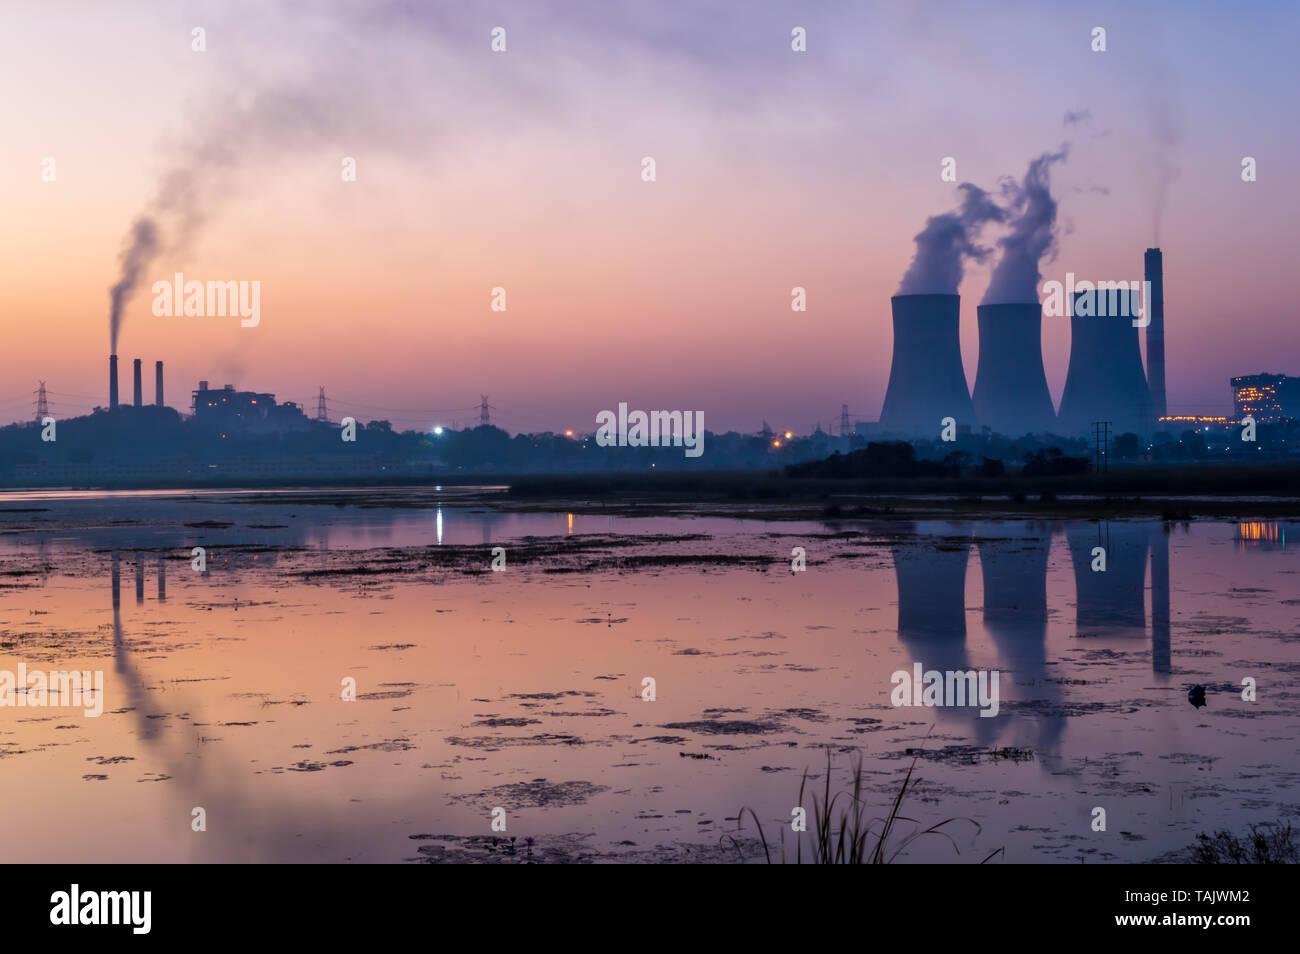 Kohle betriebenen Kraftwerke weißer Rauch und Dampf von Kamin und Kühlturm. Reflexion der Kühlturm und Schornstein auf See. Stockfoto